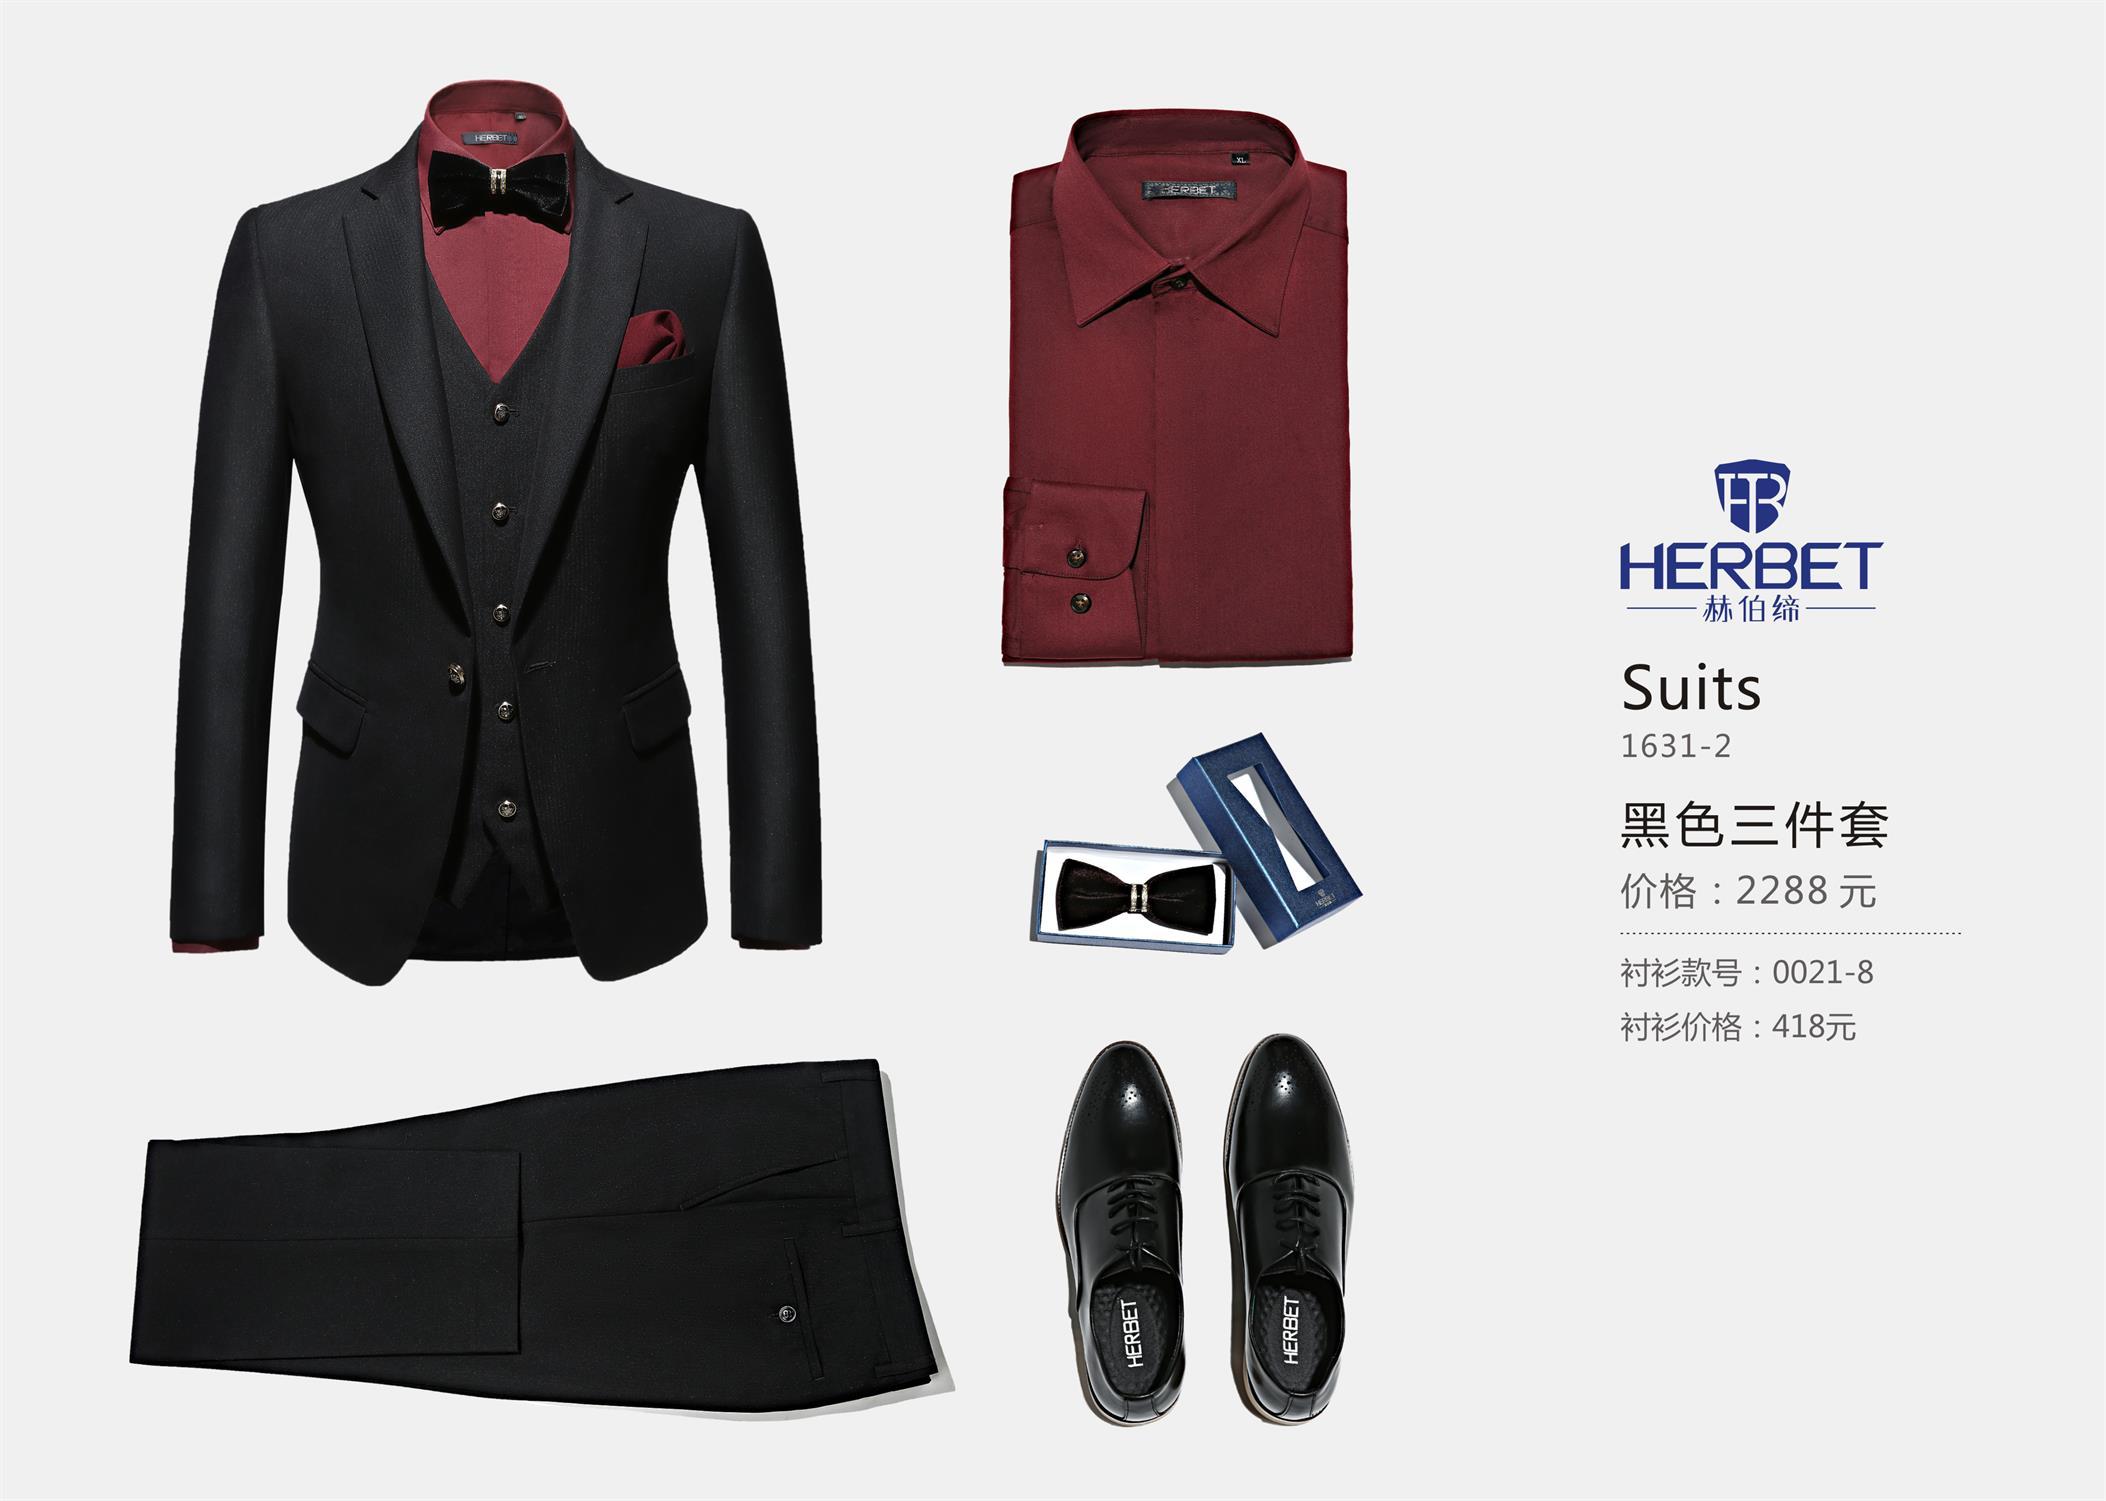 男士礼服定制就找慕菲尔文化传播,男士礼服定制多少钱